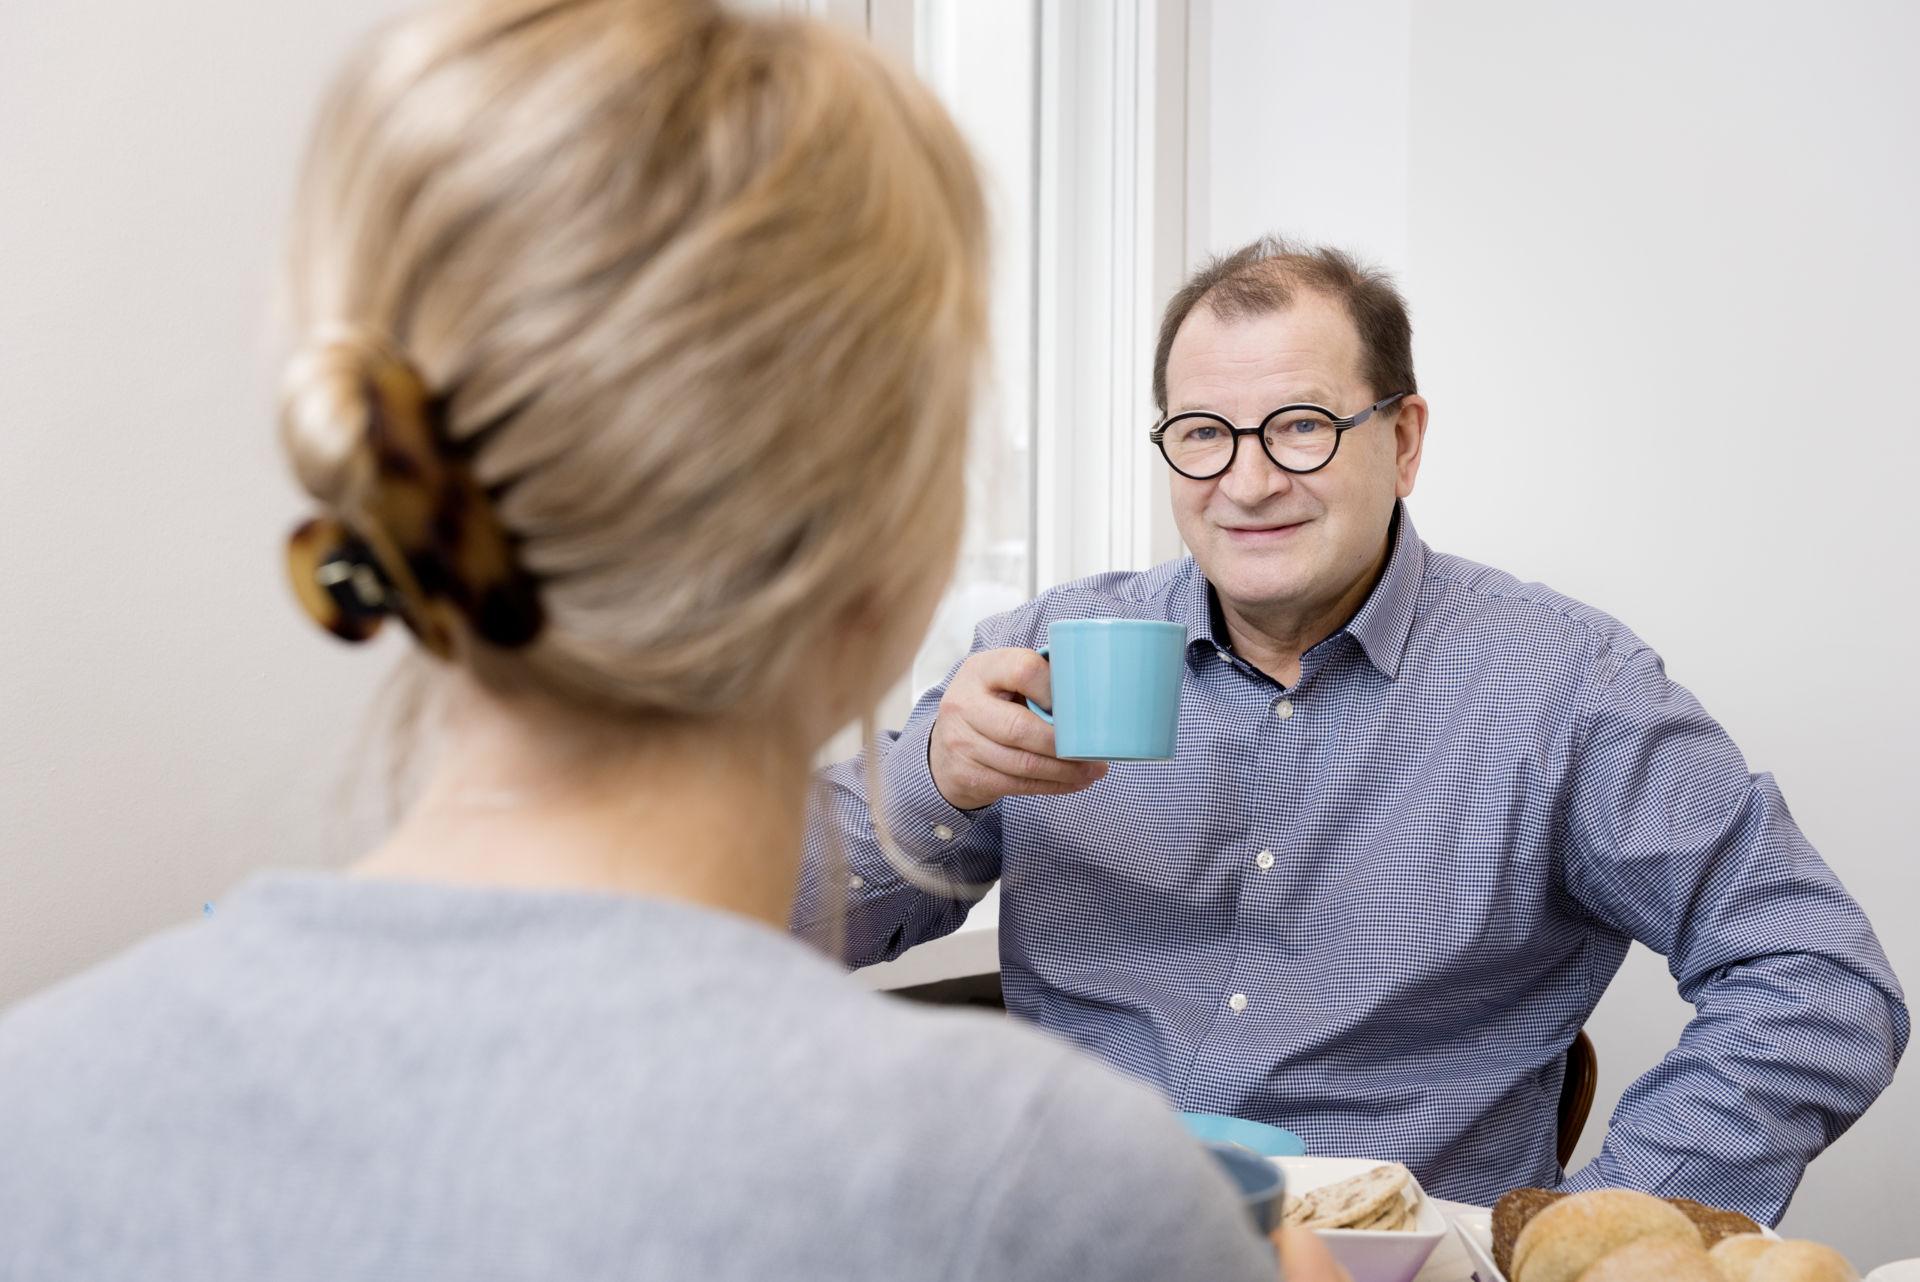 Mies nauttii kahvia ja hymyilee katsoessaan naista. Miehen kasvot ovat kohti kameraa, naisesta näkyy selvä.